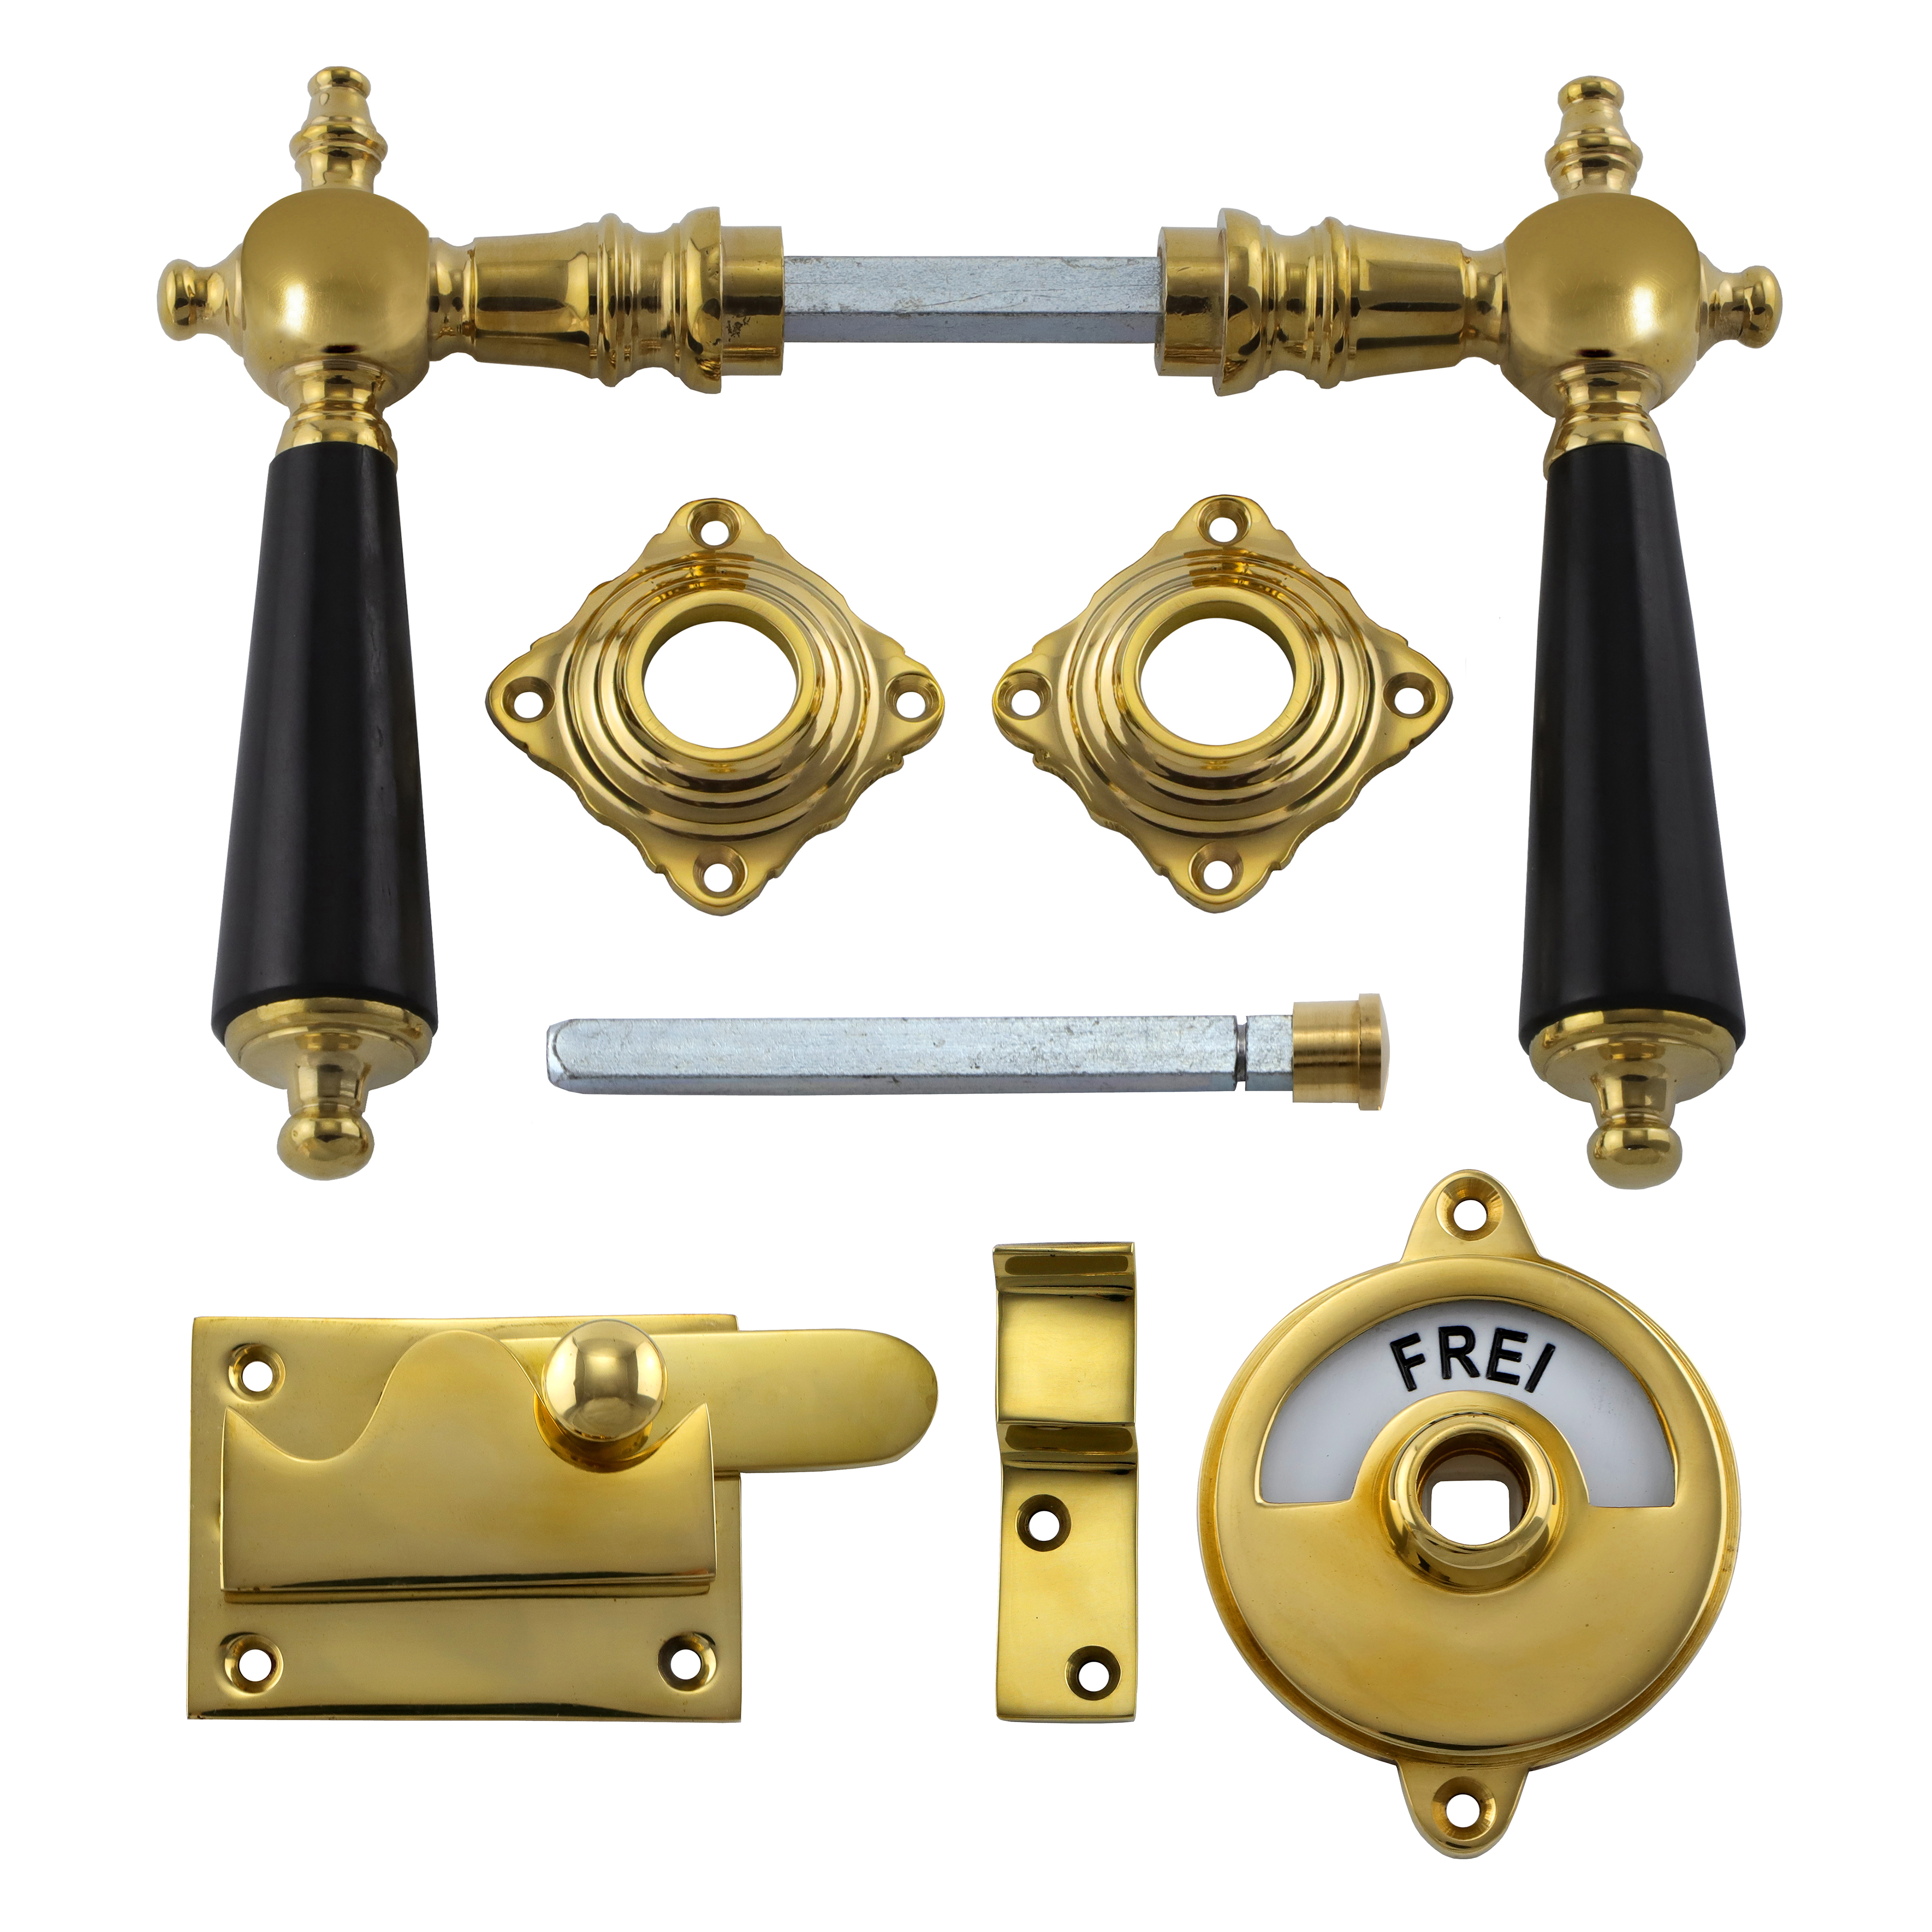 341.0012.35 WC-Türbeschlag / Riegel gerade / Verschluss mit Anzeige Messing poliert